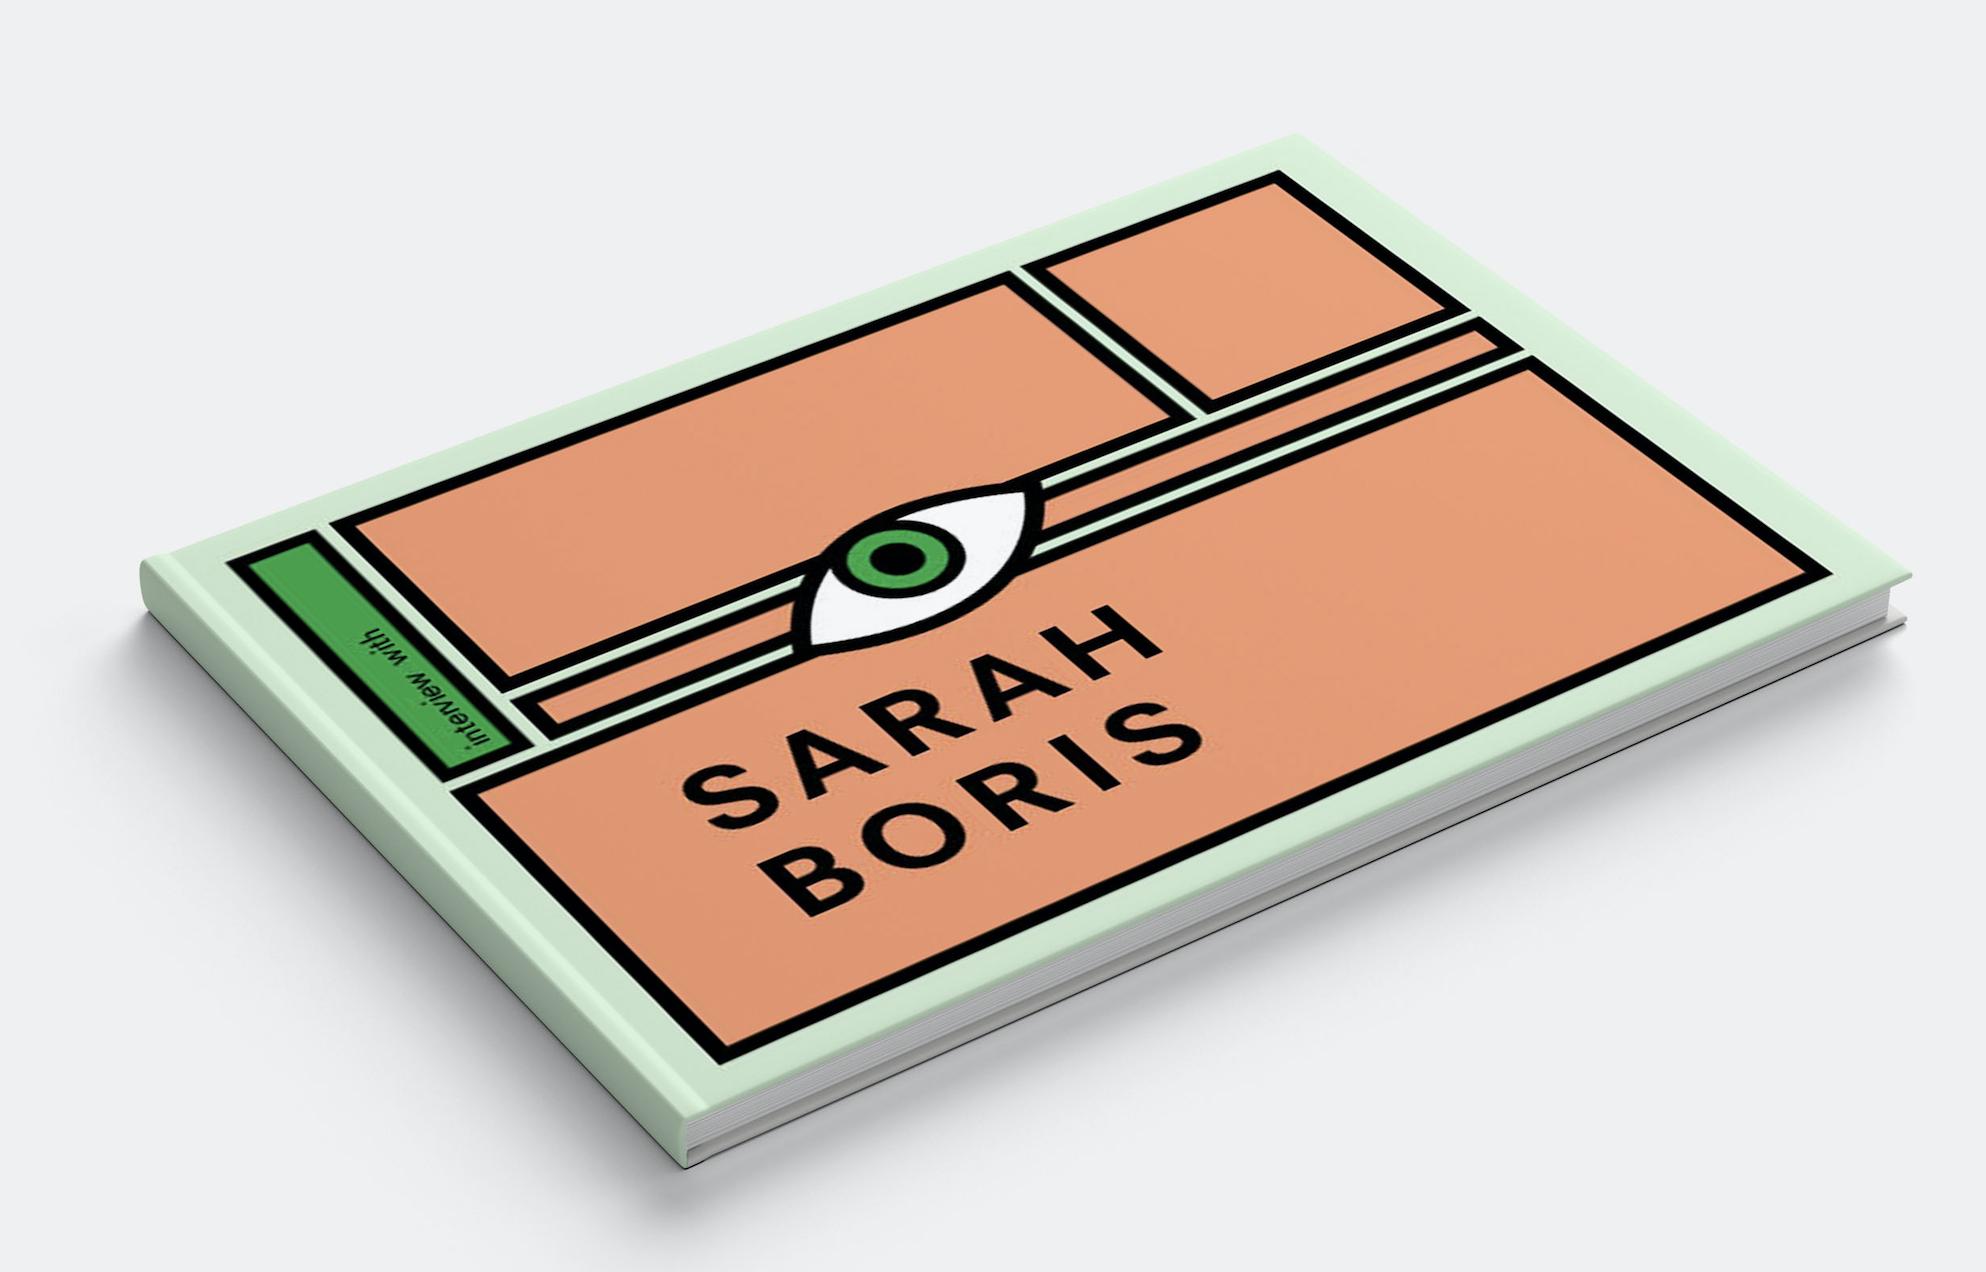 SB book cover